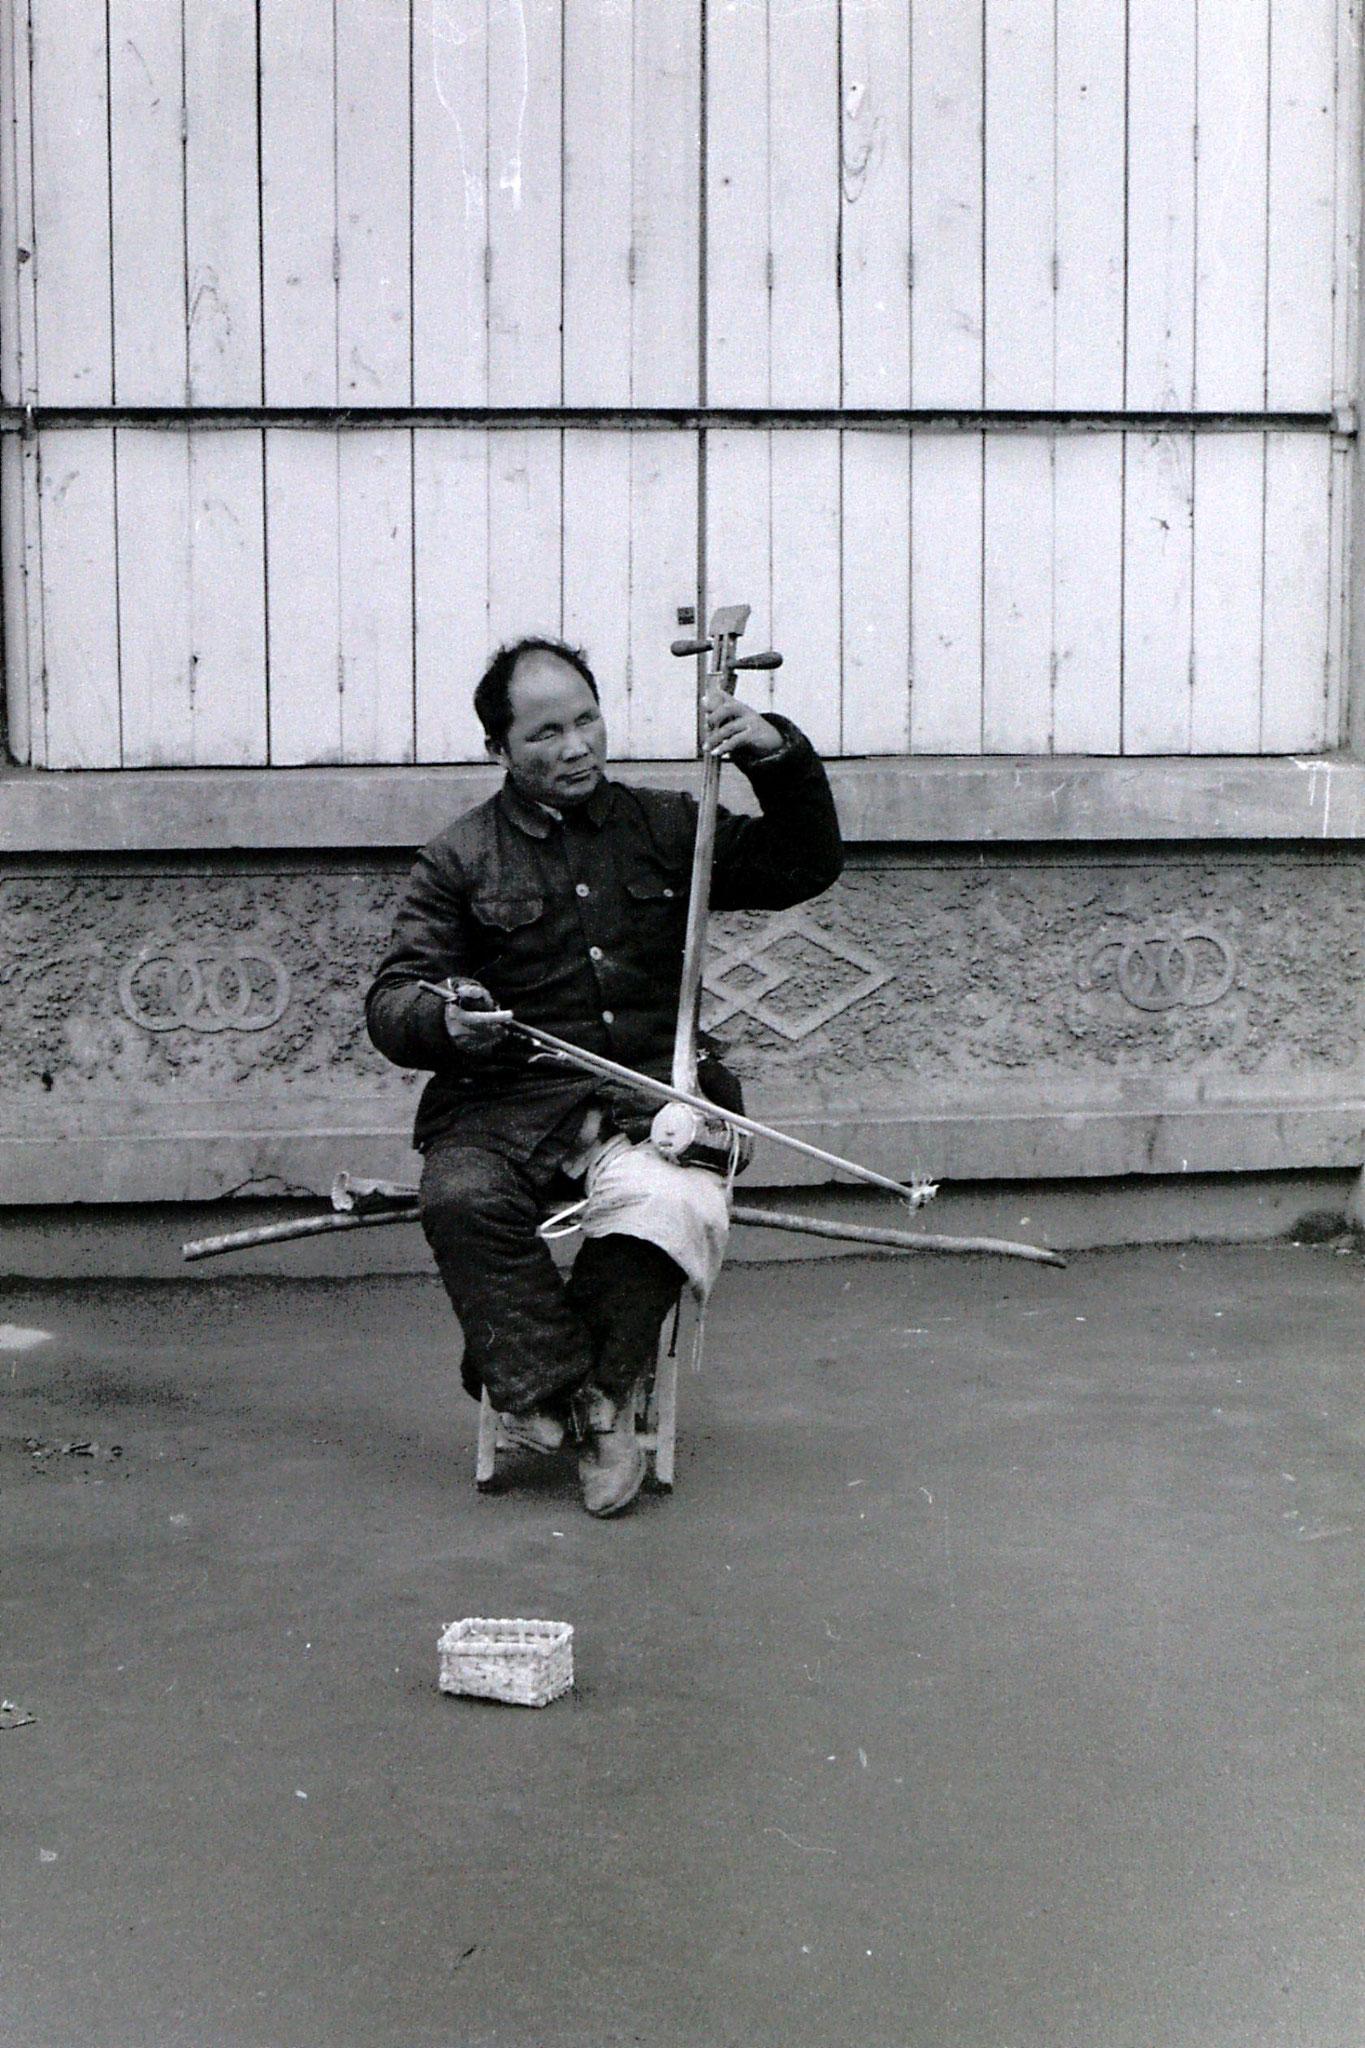 25/2/1989: 1: Kaifeng, blind street musician